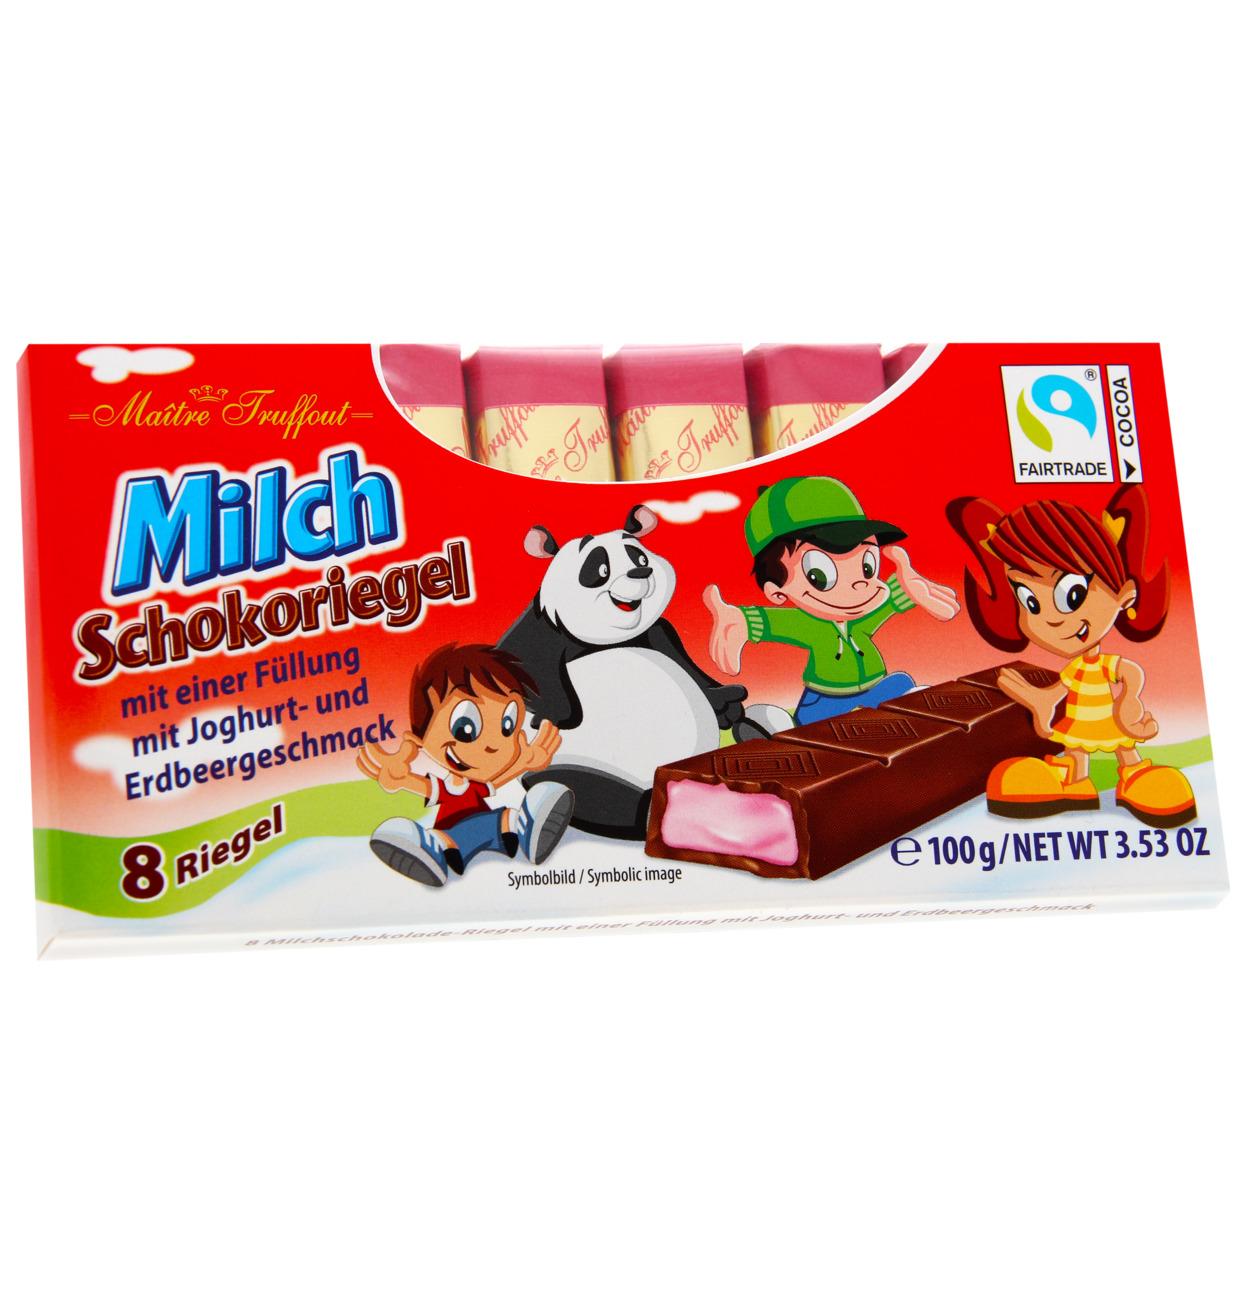 Milchschokolade mit Erdbeer-Joghurtcremefüllung